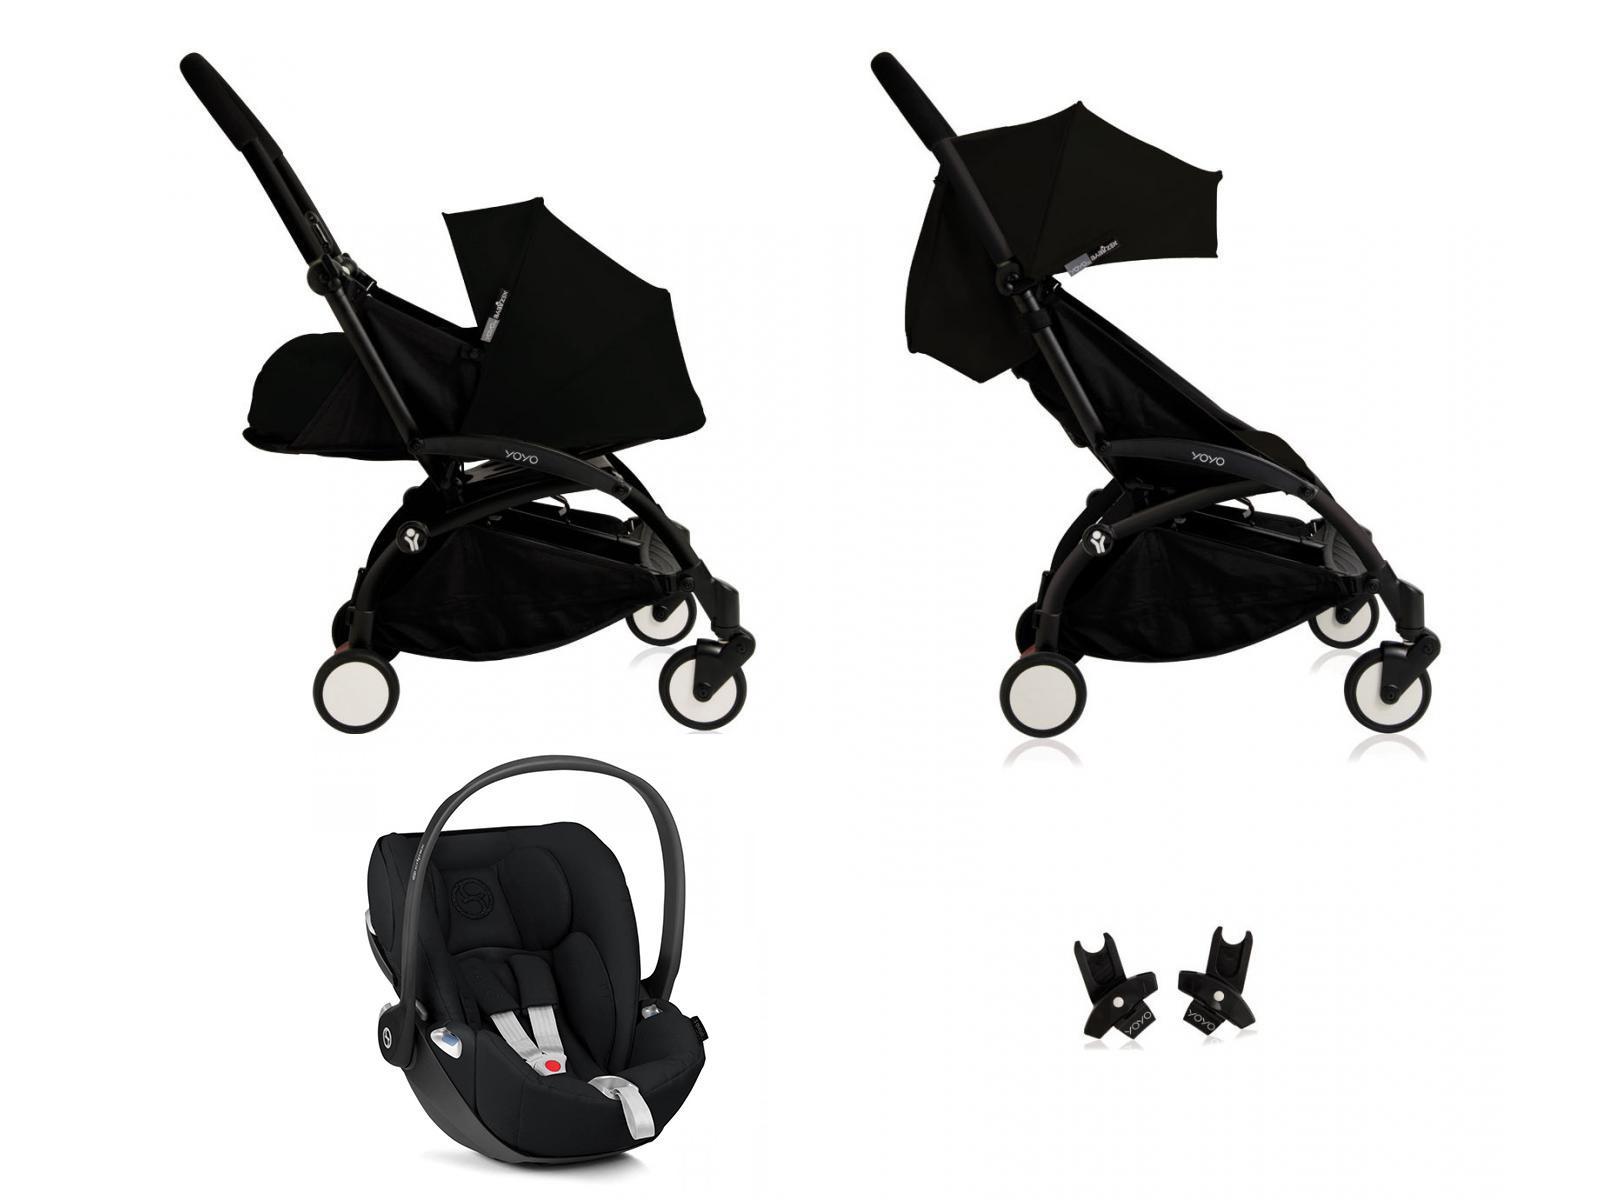 nouvelle poussette babyzen yoyo plus compl te cadre noir habillages 0 et 6 noir et si ge auto. Black Bedroom Furniture Sets. Home Design Ideas